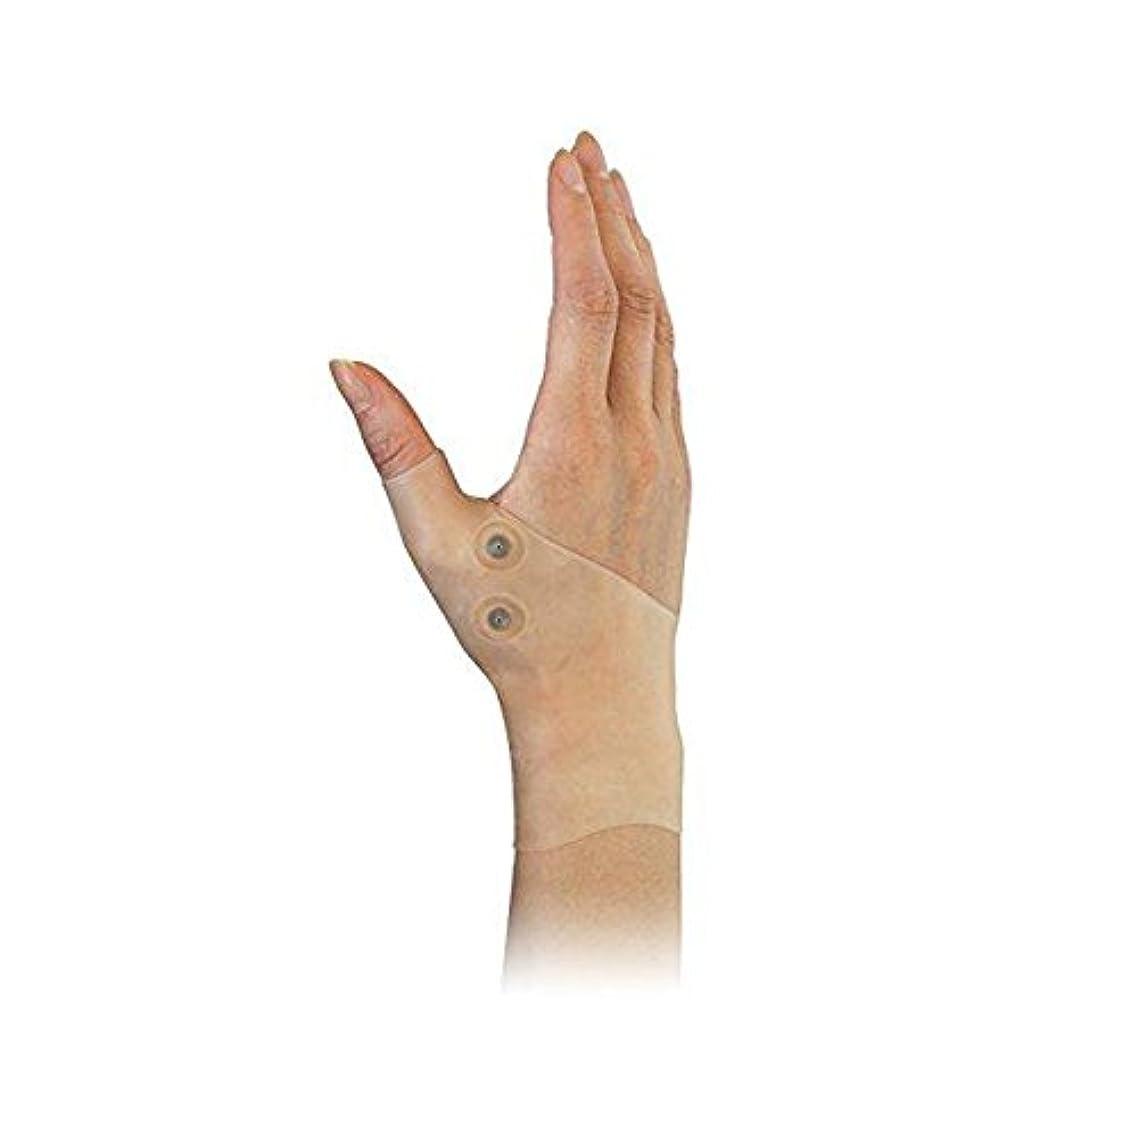 クリスチャン高原不足DOMO 親指サポーター 手首サポーター 肌の色合い 磁気療法 シリコーン素材 手首ブレース 保護 弾性 洗える 捻挫 腱鞘炎 タイピング 手首と親指の痛み リウマチ 関節炎用 男女兼用